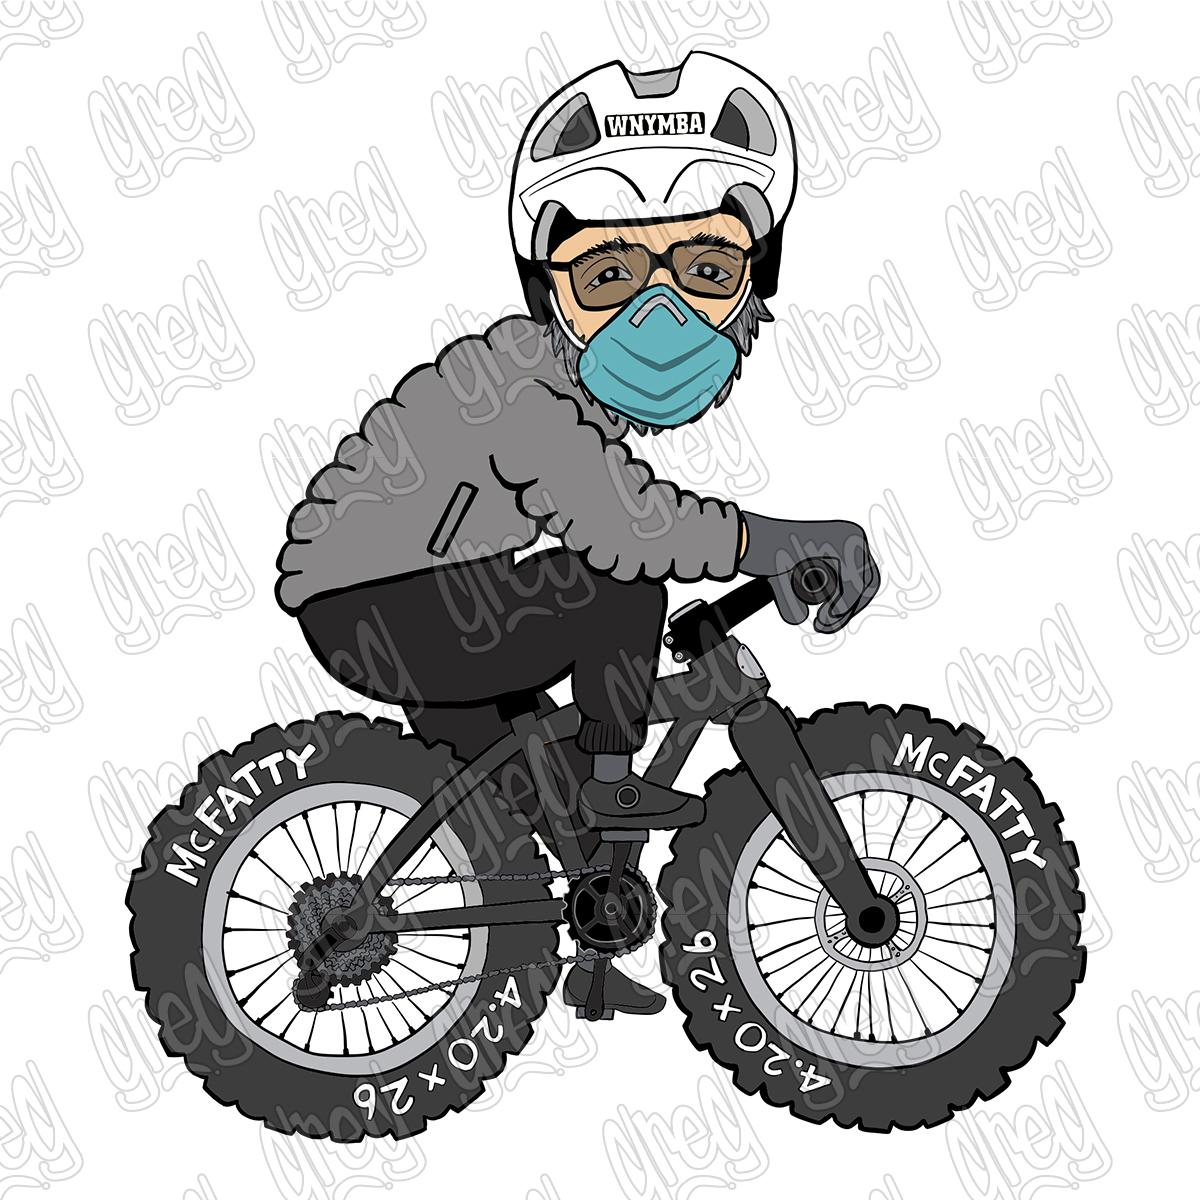 Fat Bike Cartoon by Greg Culver